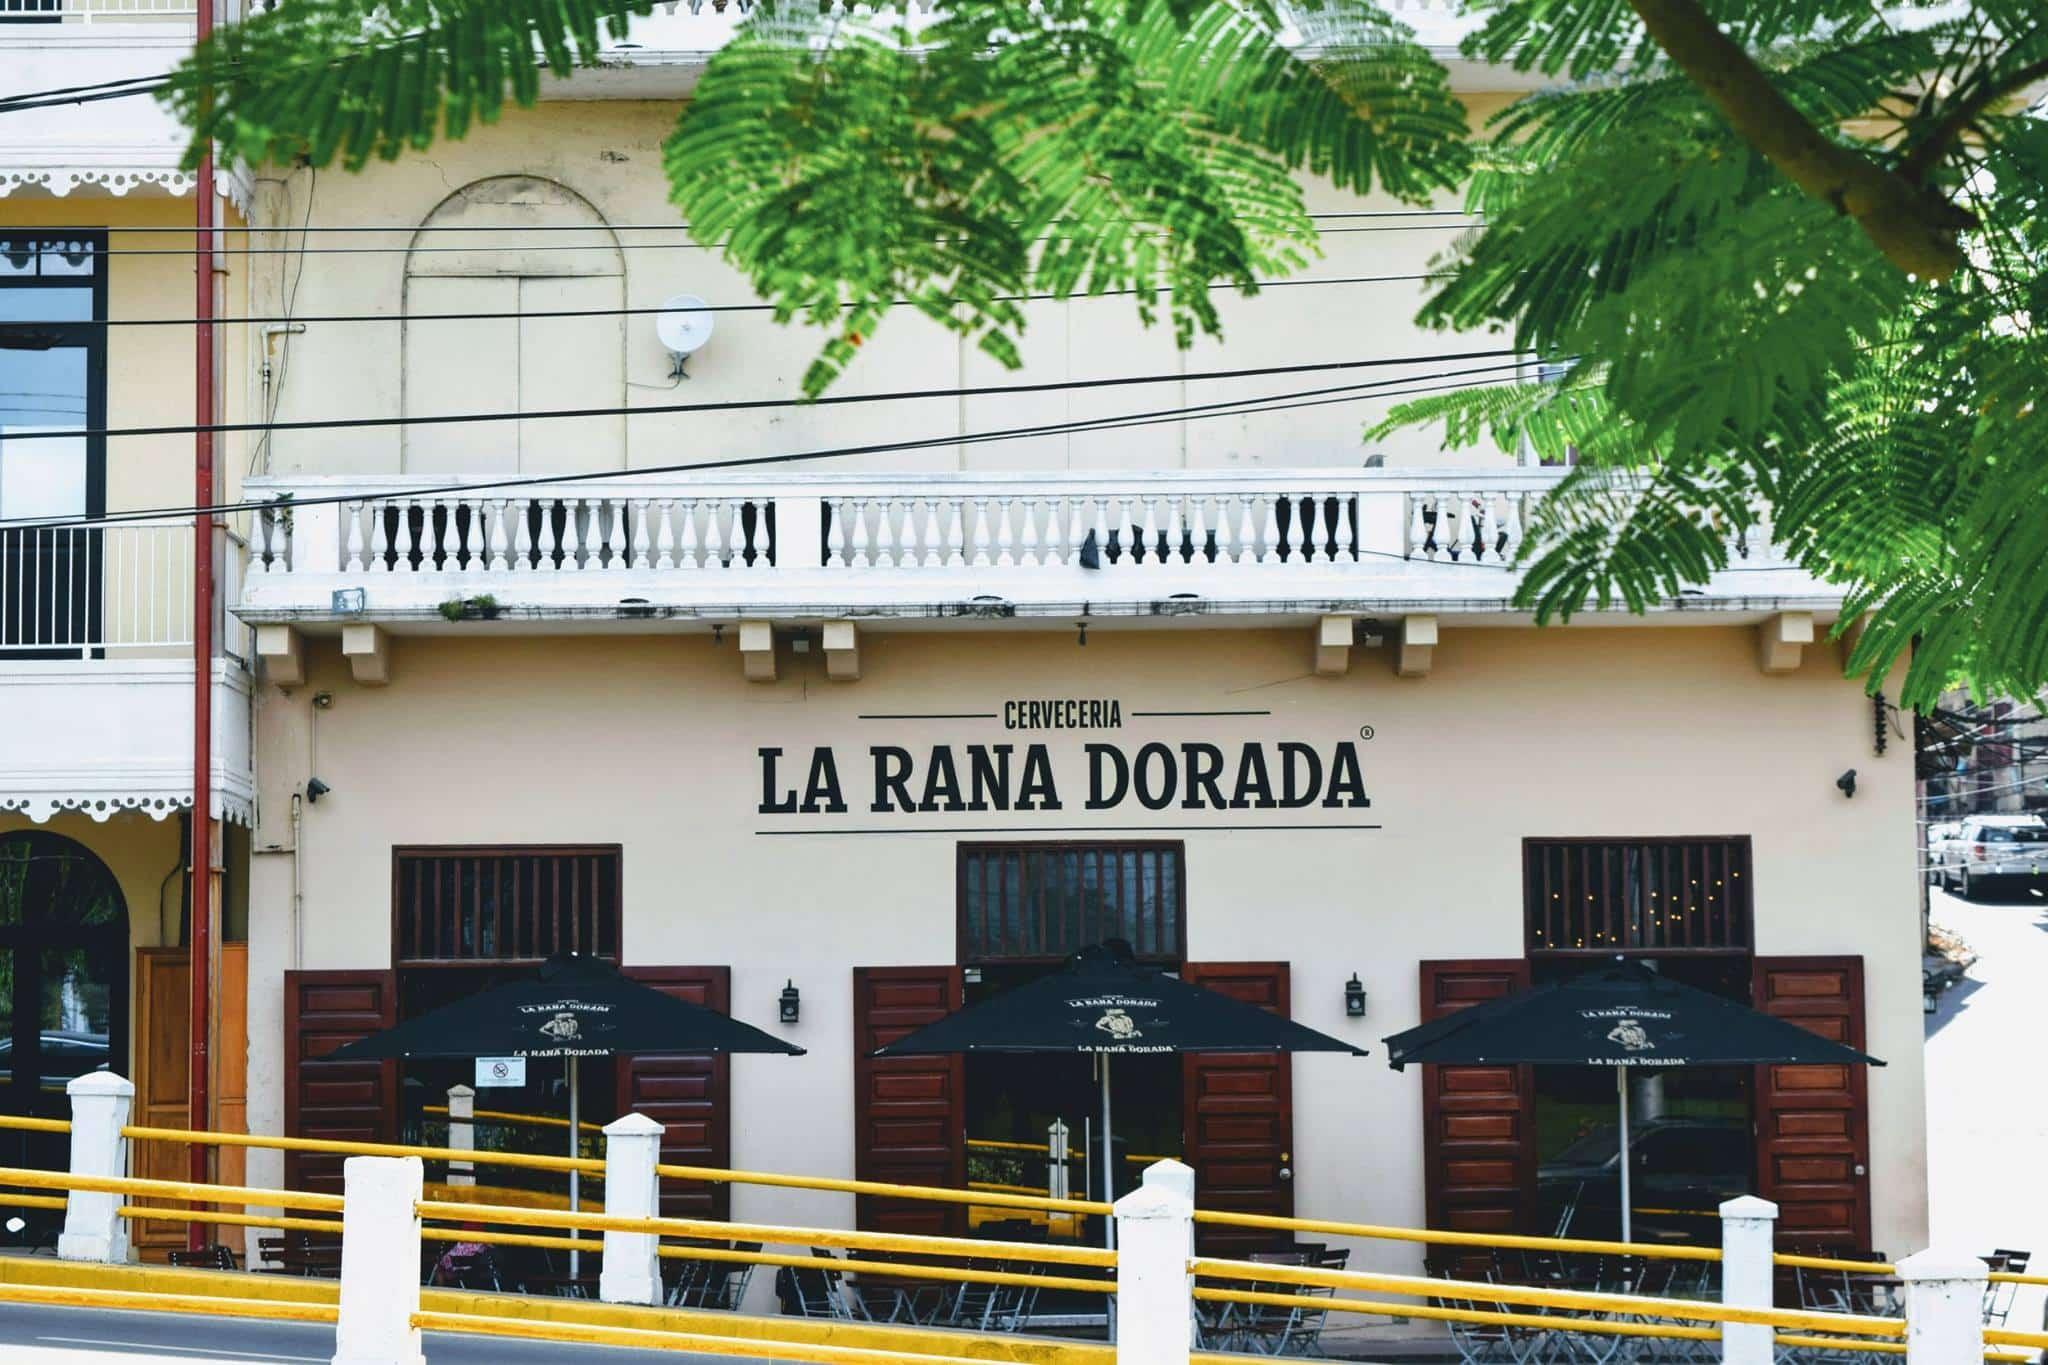 Antigua ubicación de Cervecería La Rana Dorada en Casco Viejo justo antes de la rampa